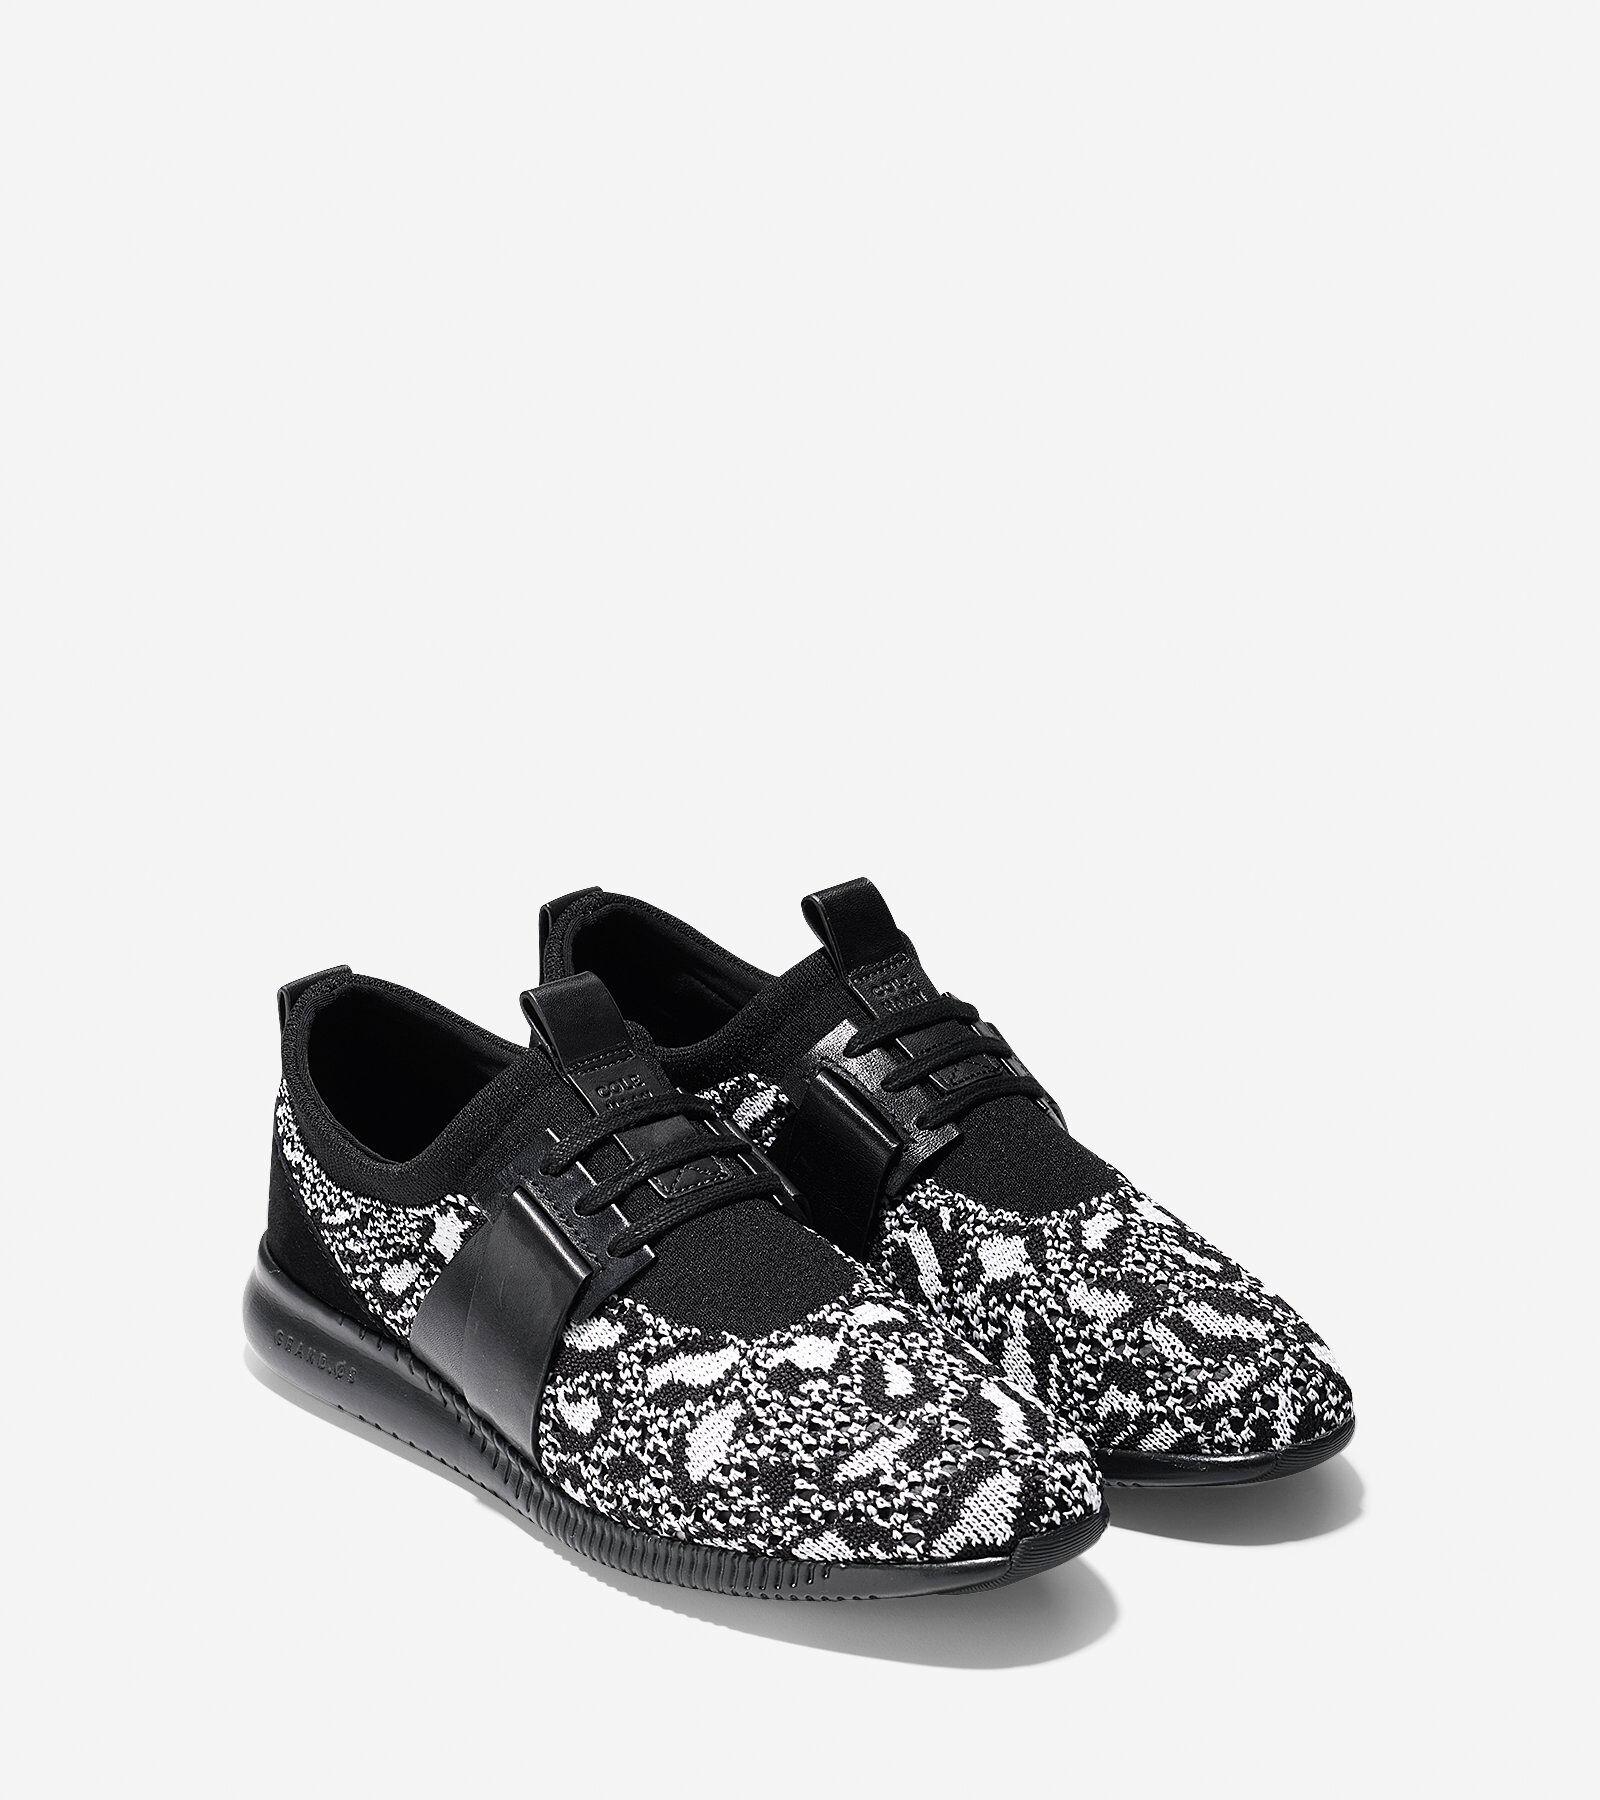 ... StudiøGrand Knit Sneaker; StudiøGrand Knit Sneaker. #colehaan